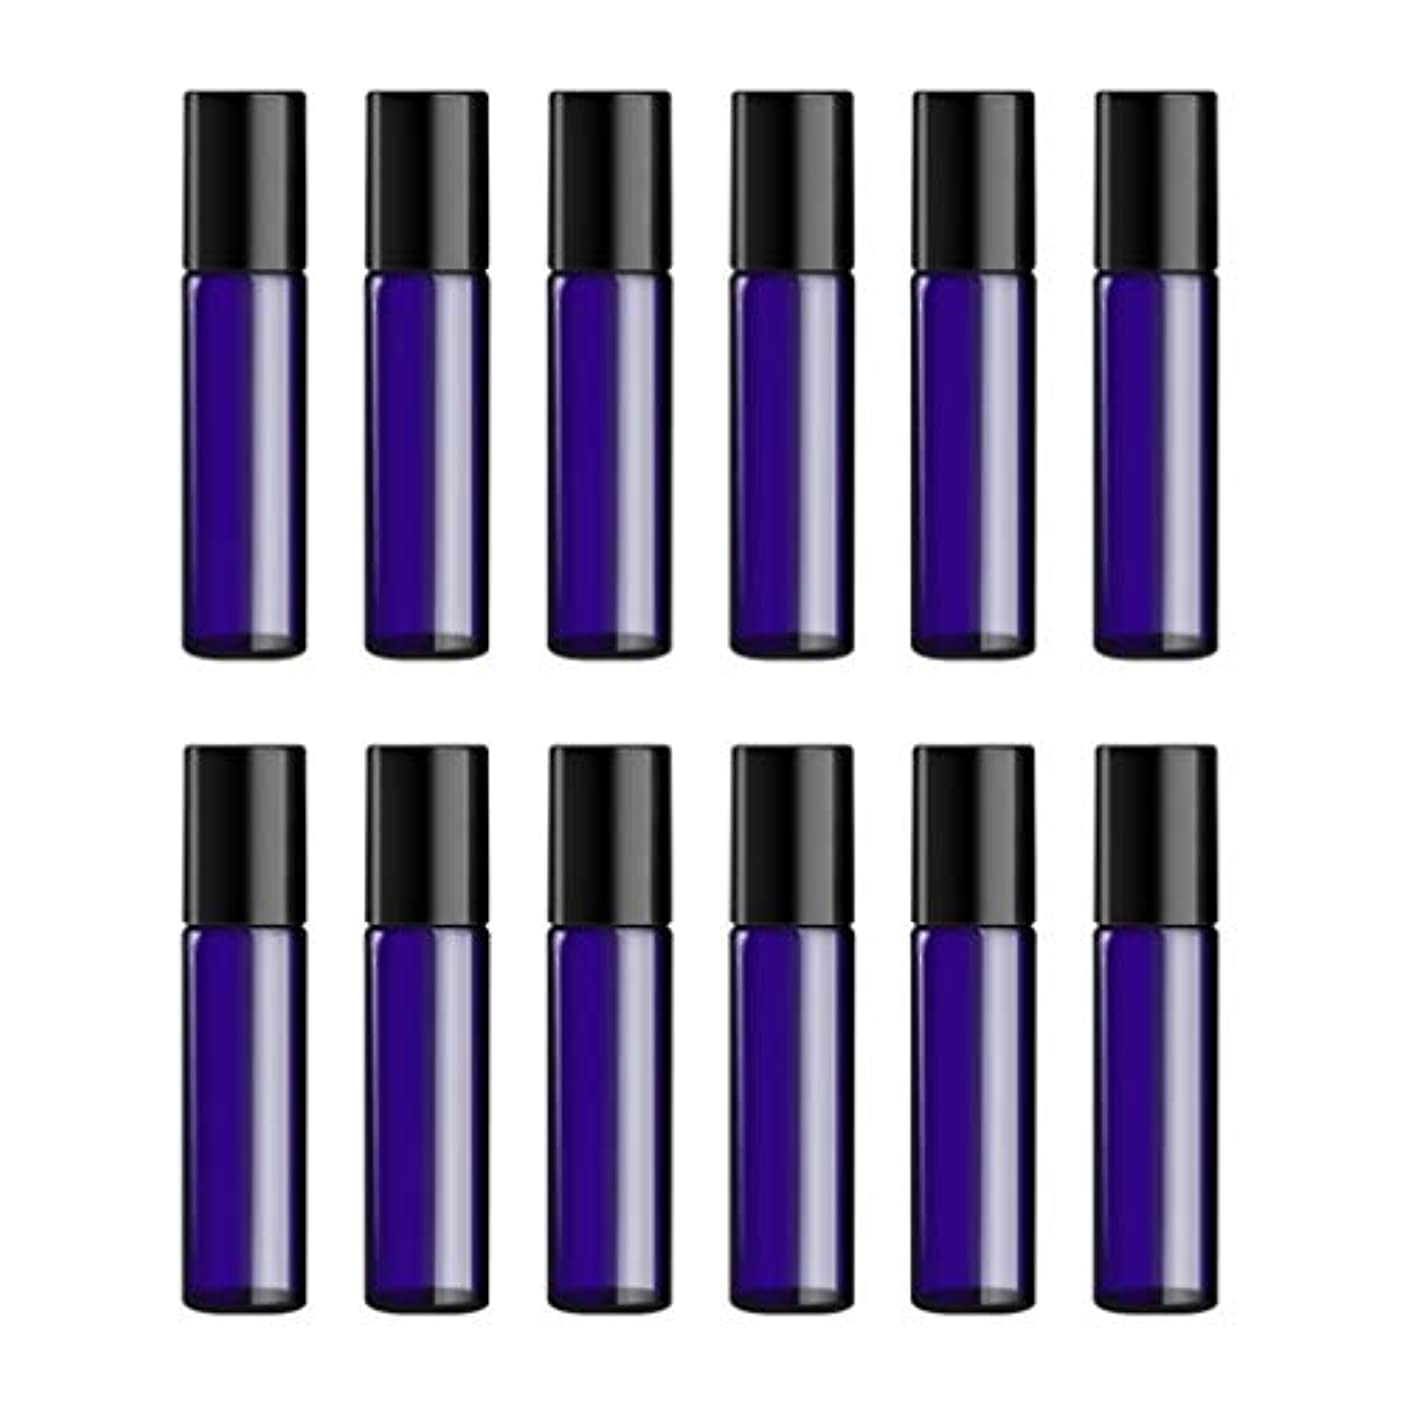 雑草受賞虐待Lurrose ボトルのロール旅行旅行 精油 小分け用 詰め替えローラーボールエッセンシャルオイル 精油ローラーボトルガラス香水瓶 10mlの12PCS 青